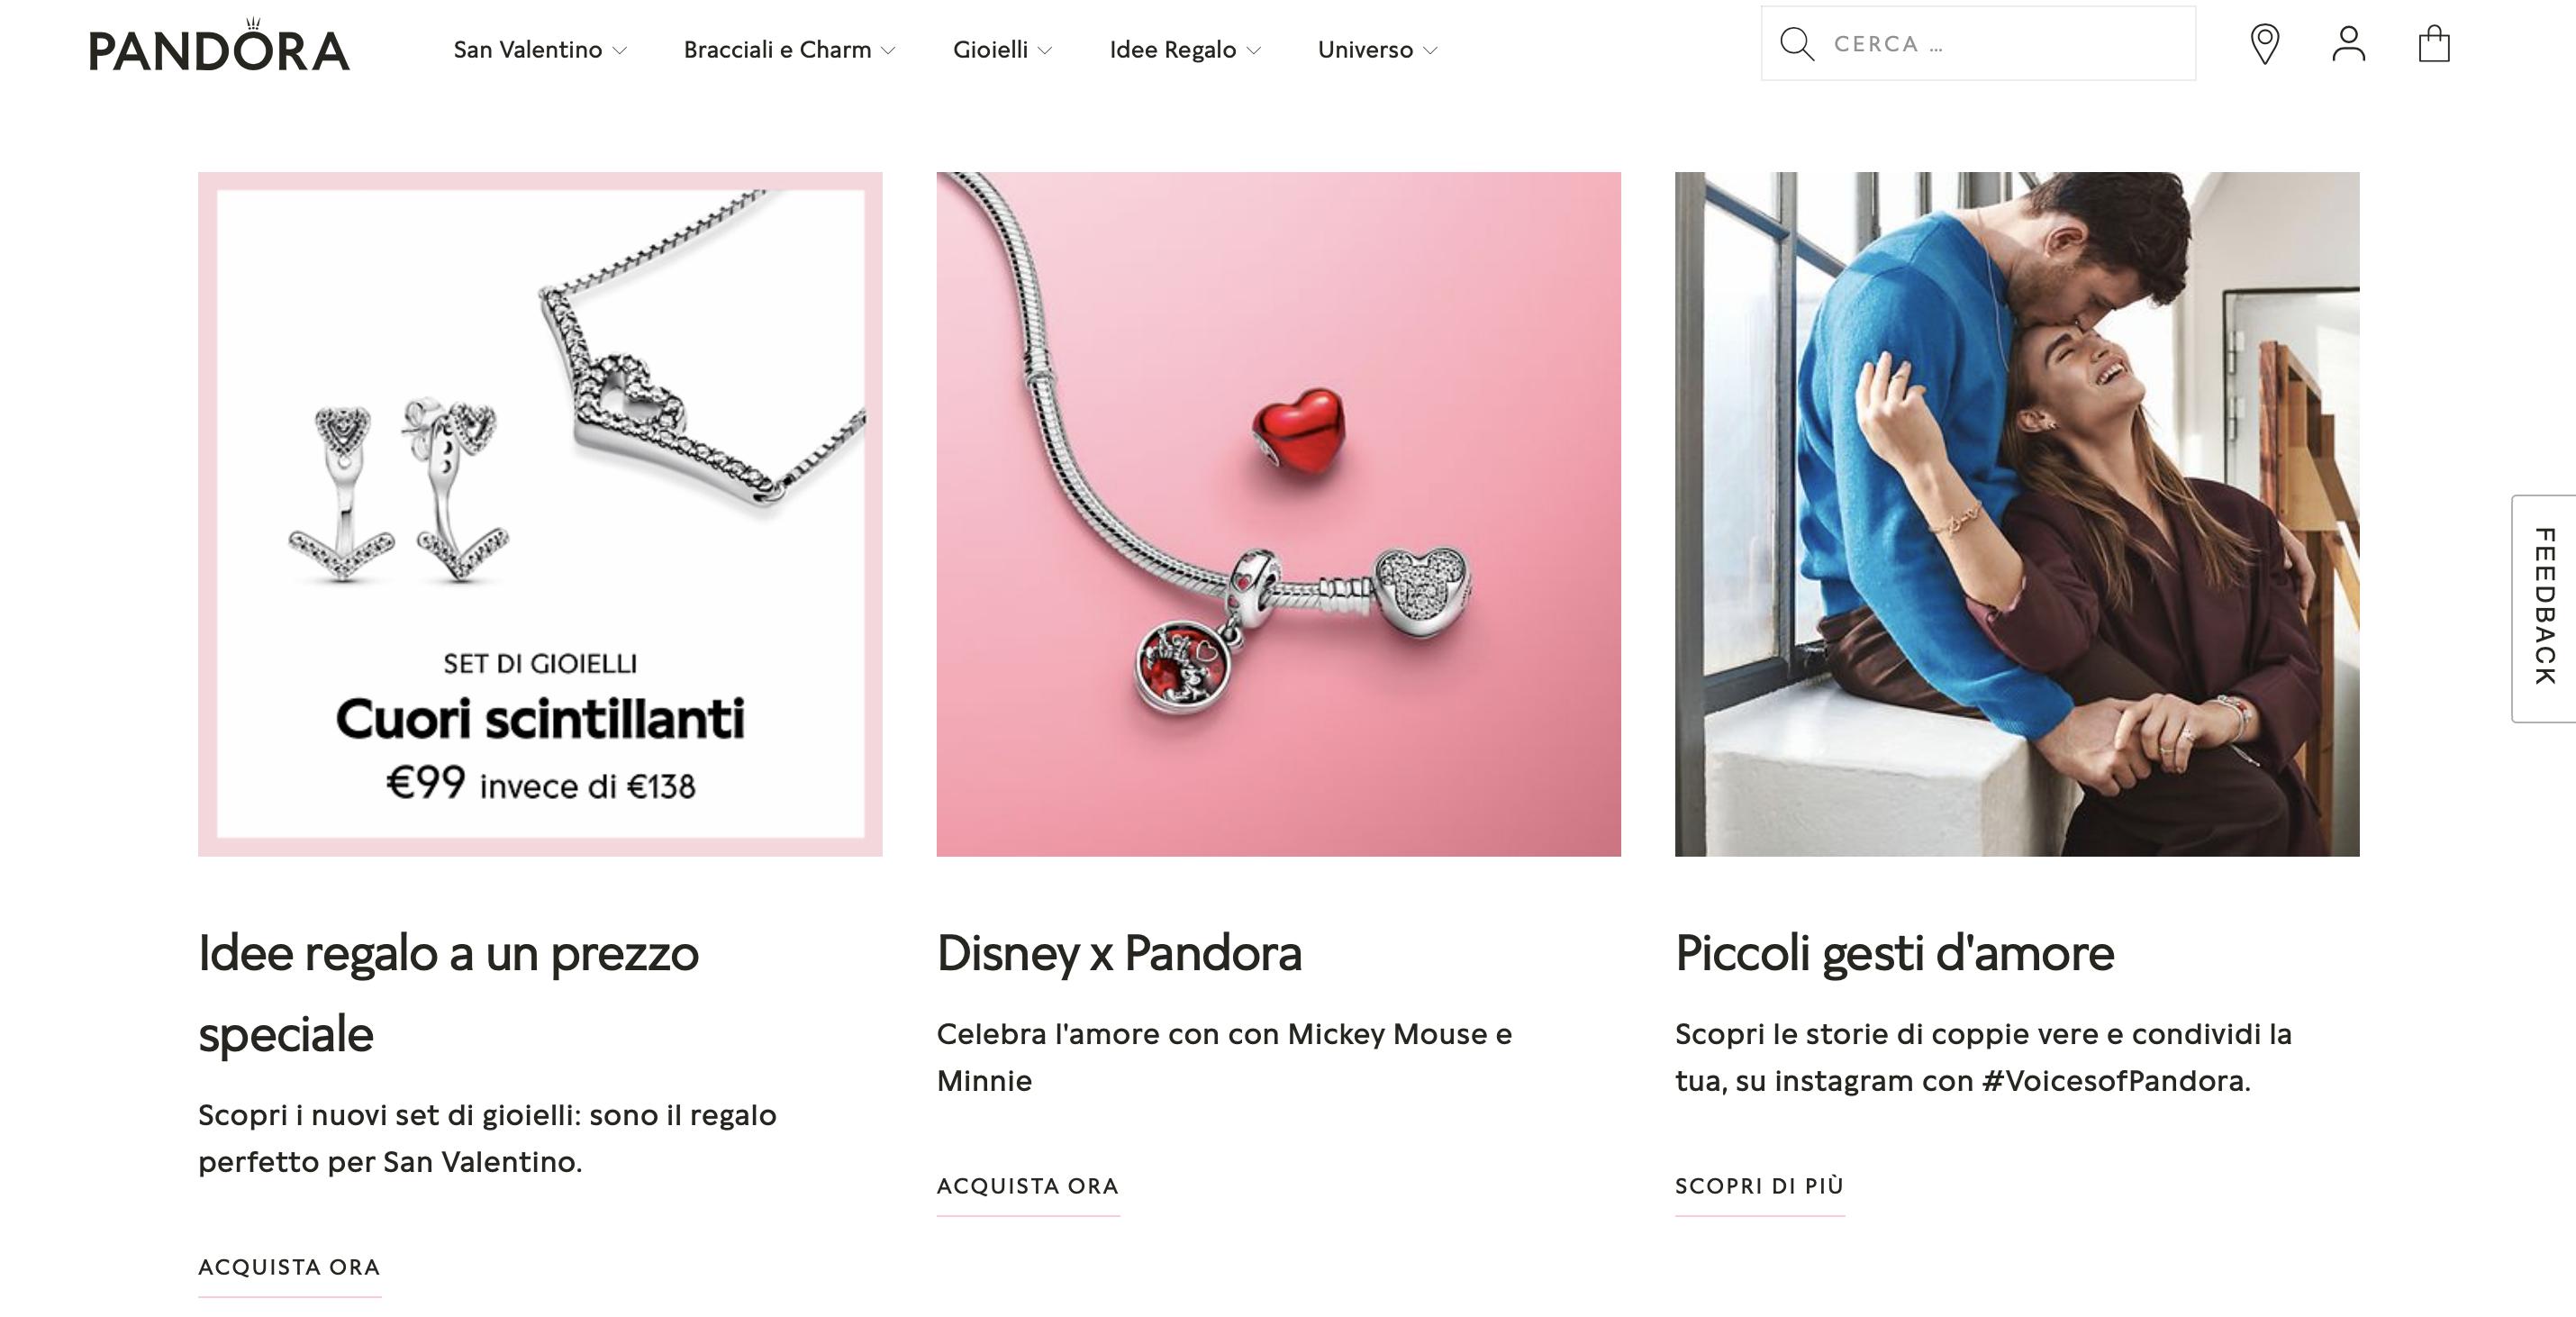 pandora-company-website